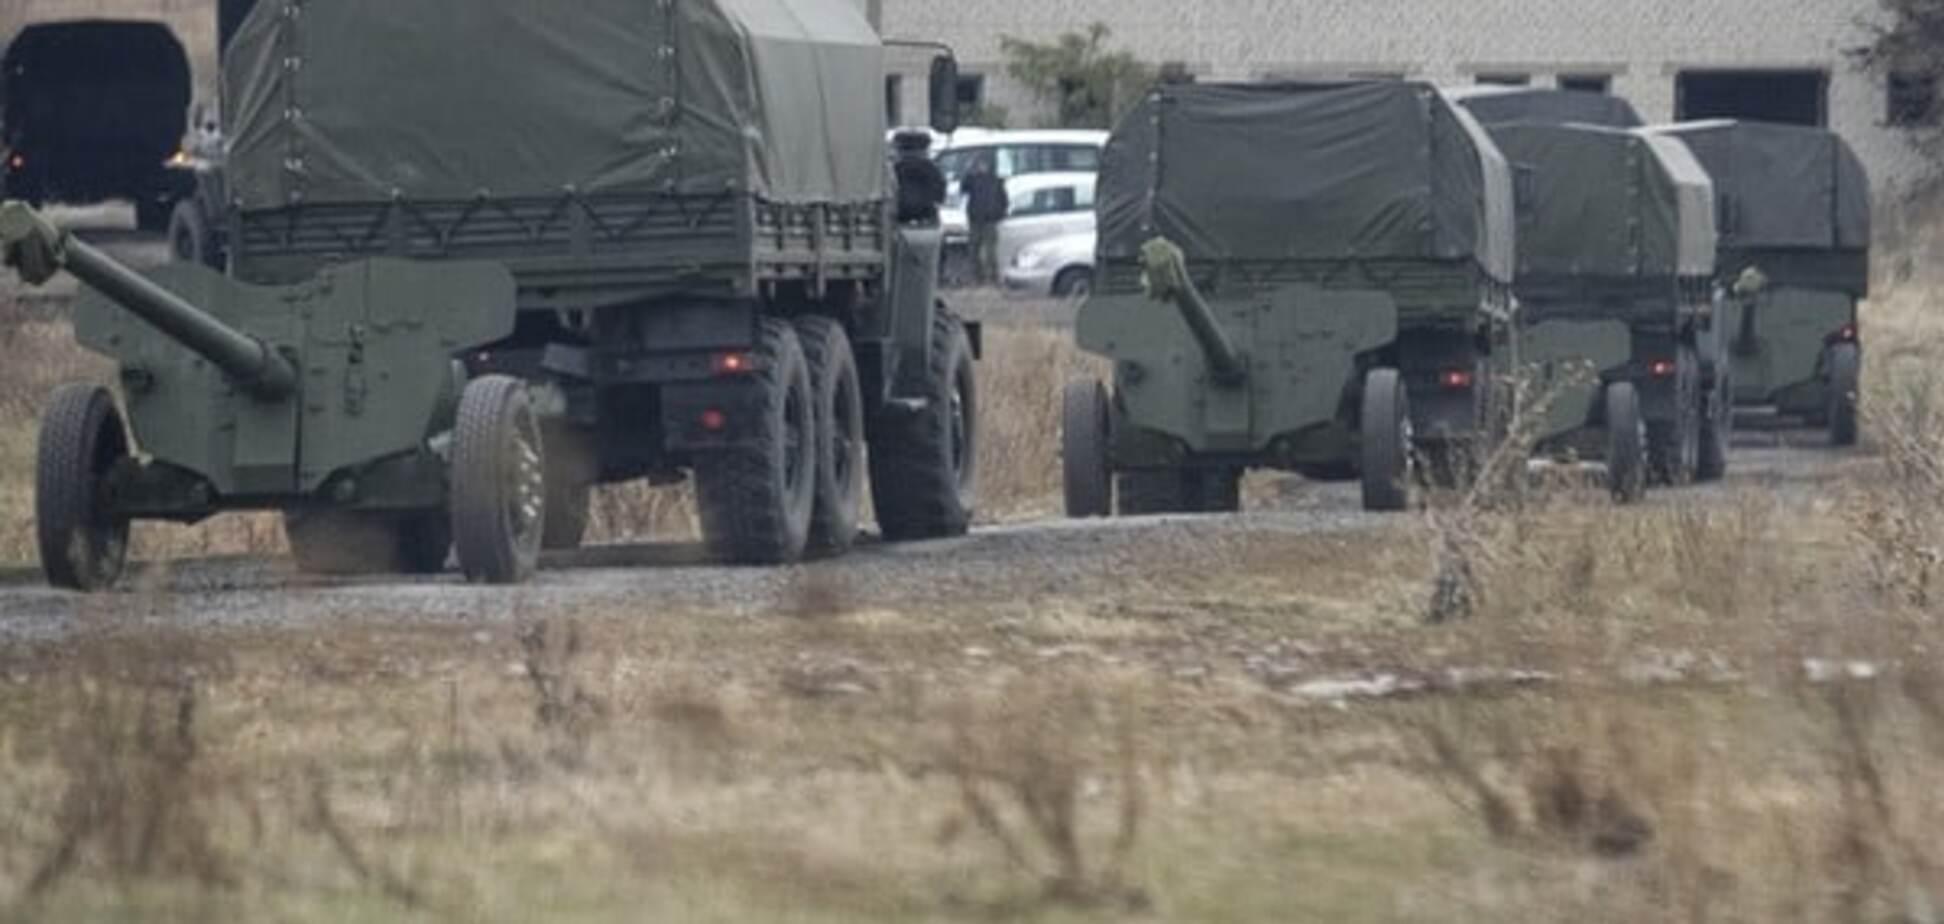 Террористы отводят технику: выбрали новое направление для атаки - Тымчук